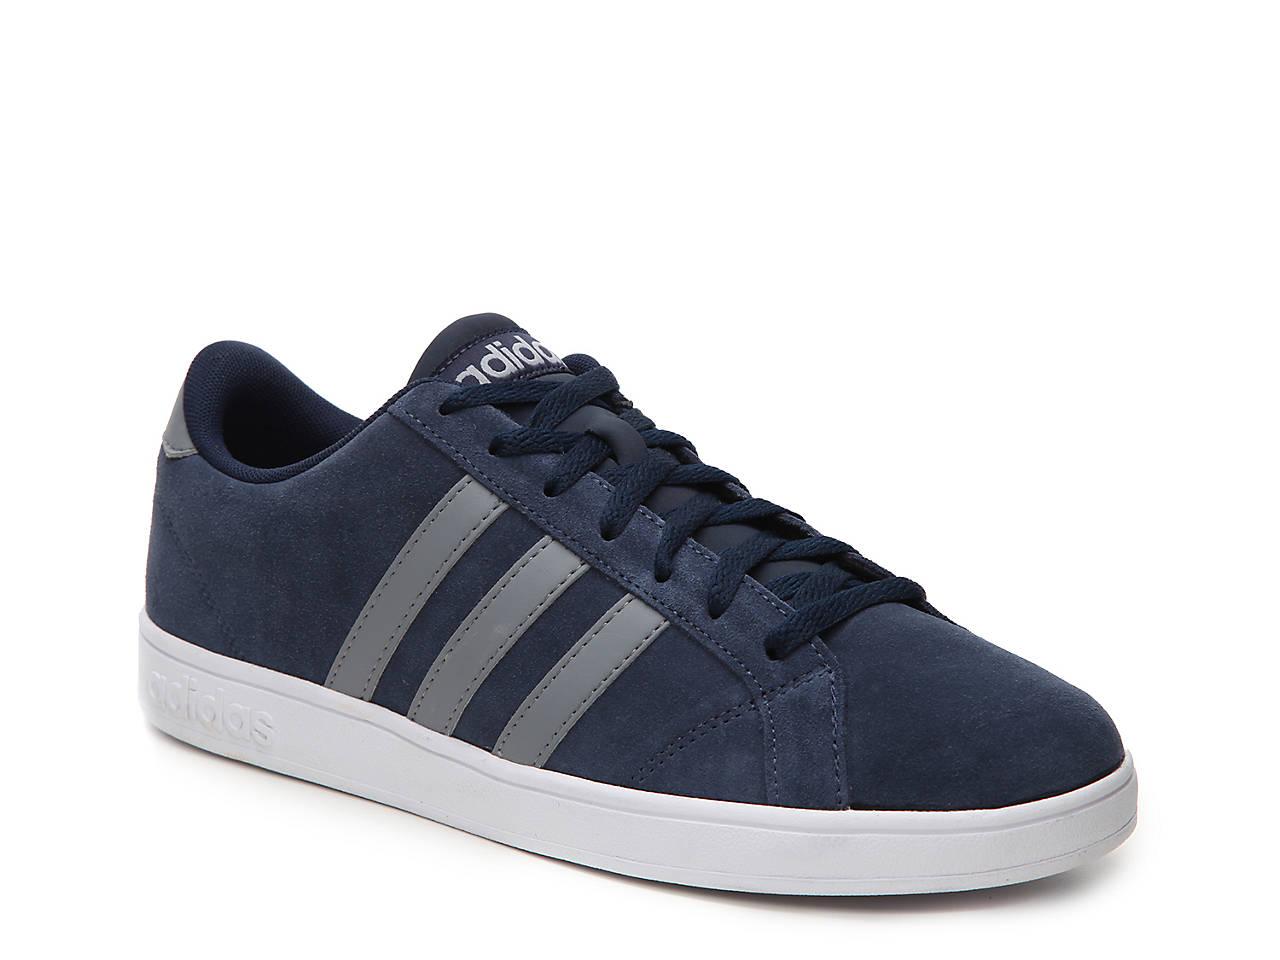 c798c0c3f25671 adidas NEO Baseline Suede Sneaker - Men s Men s Shoes